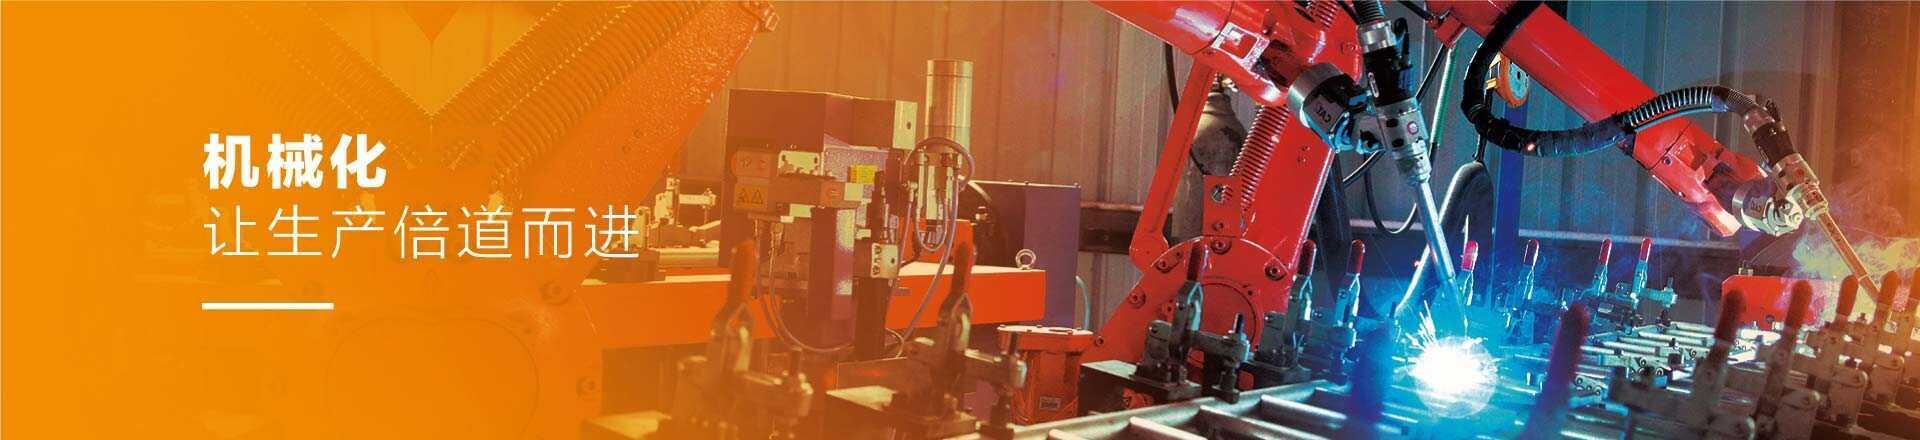 设备生产制造